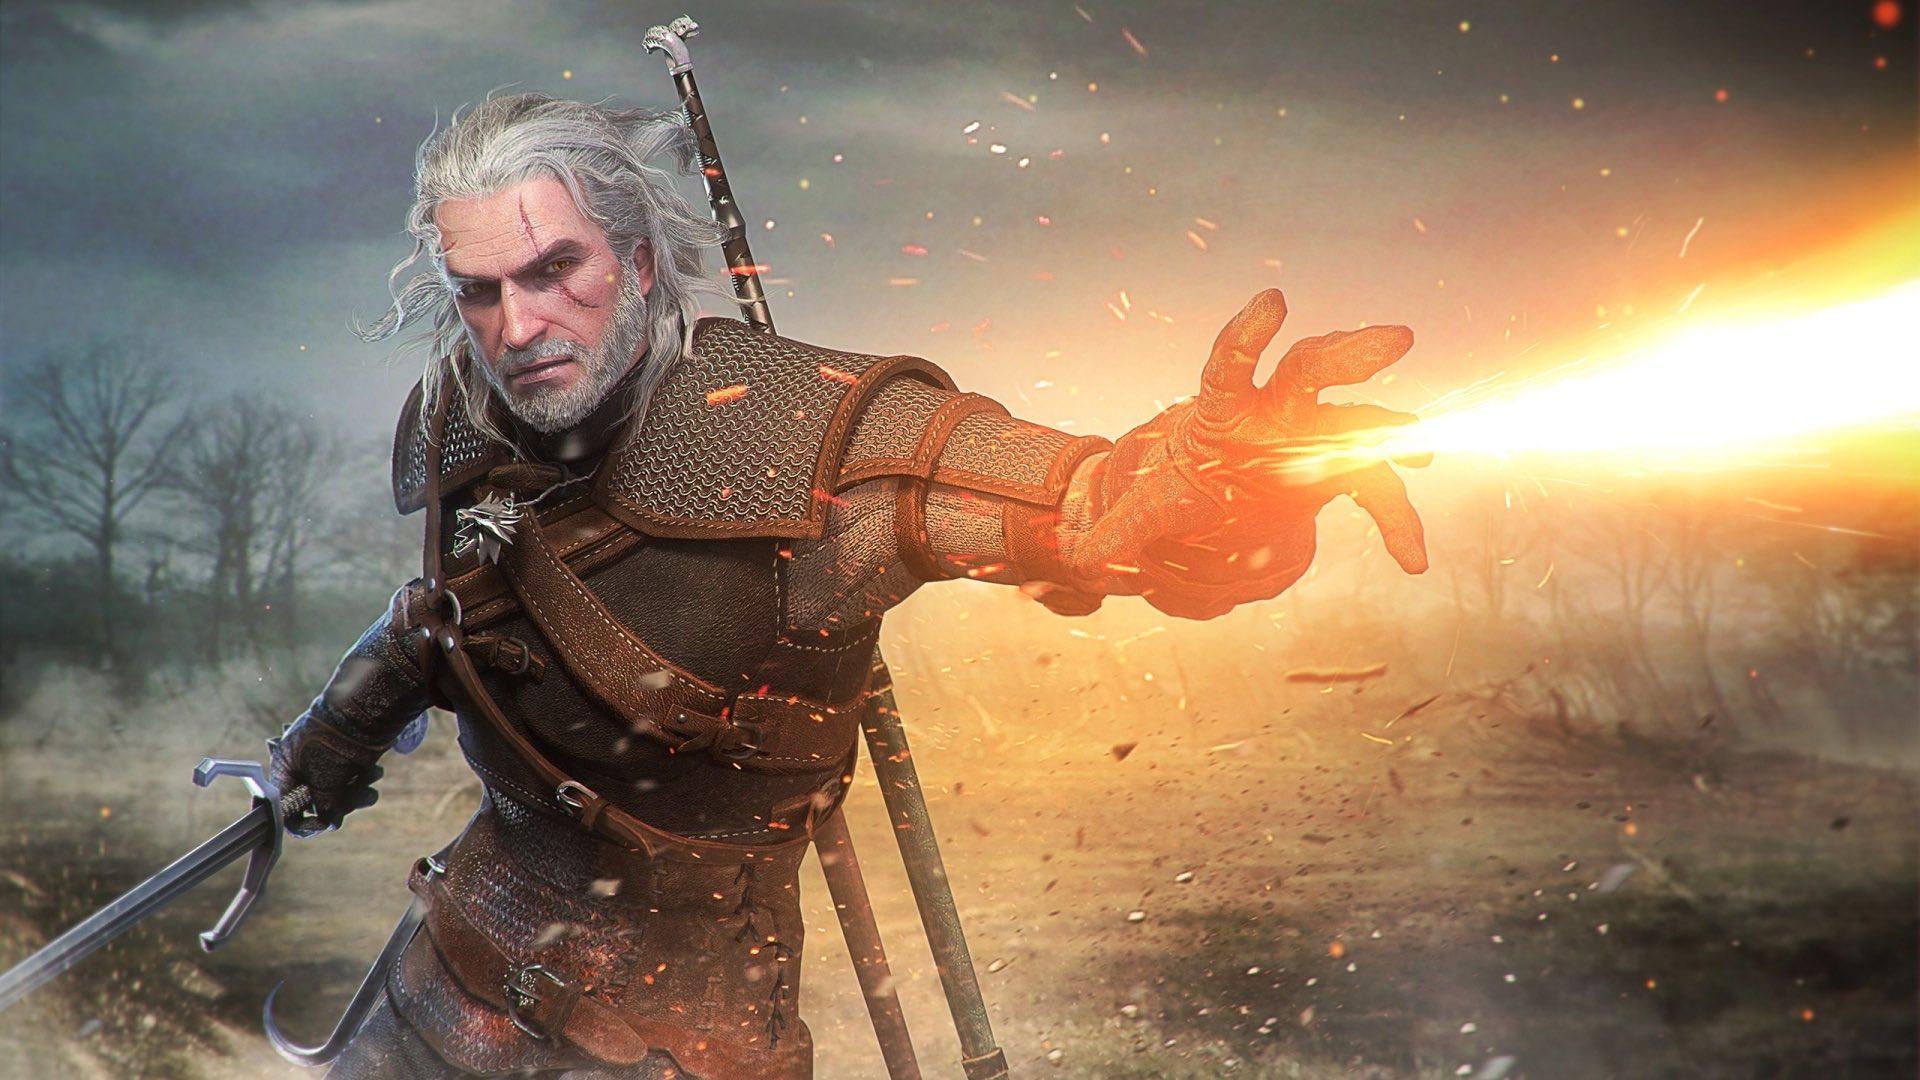 Обзор The Witcher 3: Wild Hunt на Nintendo Switch — Геральт теперь всегда под рукой